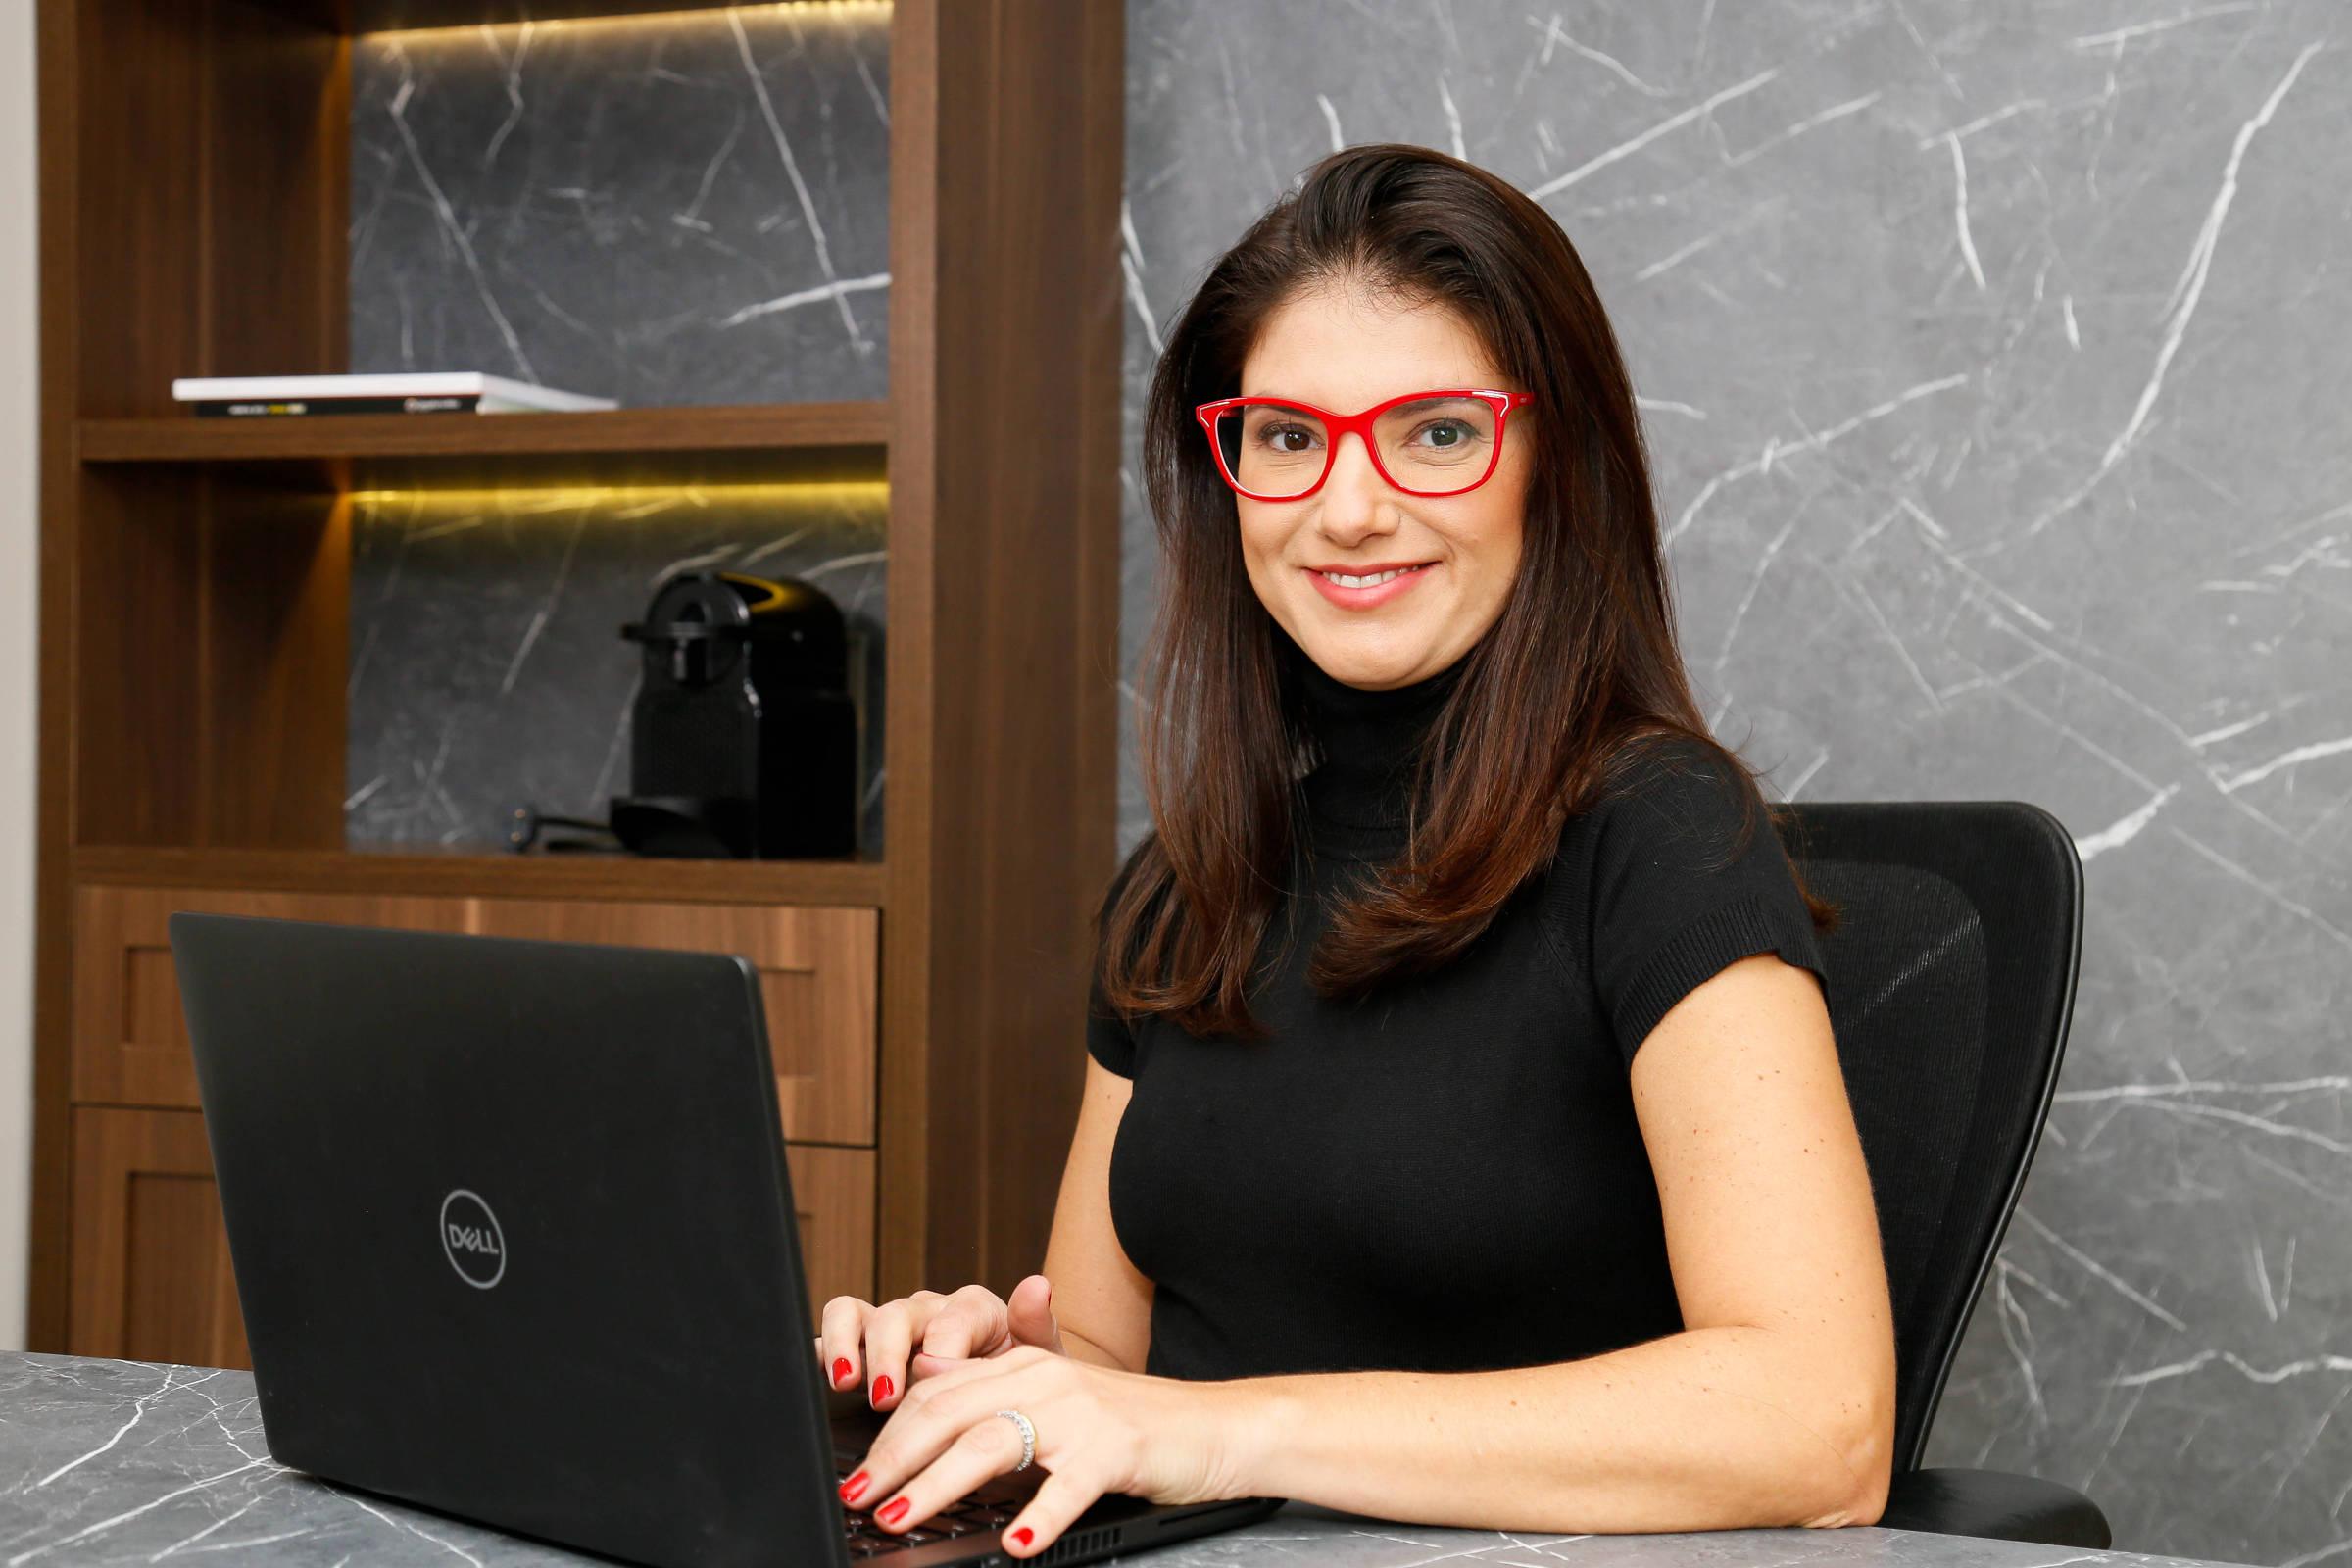 Uma mulher branca e de óculos vermelhos sentada diante de um notebook